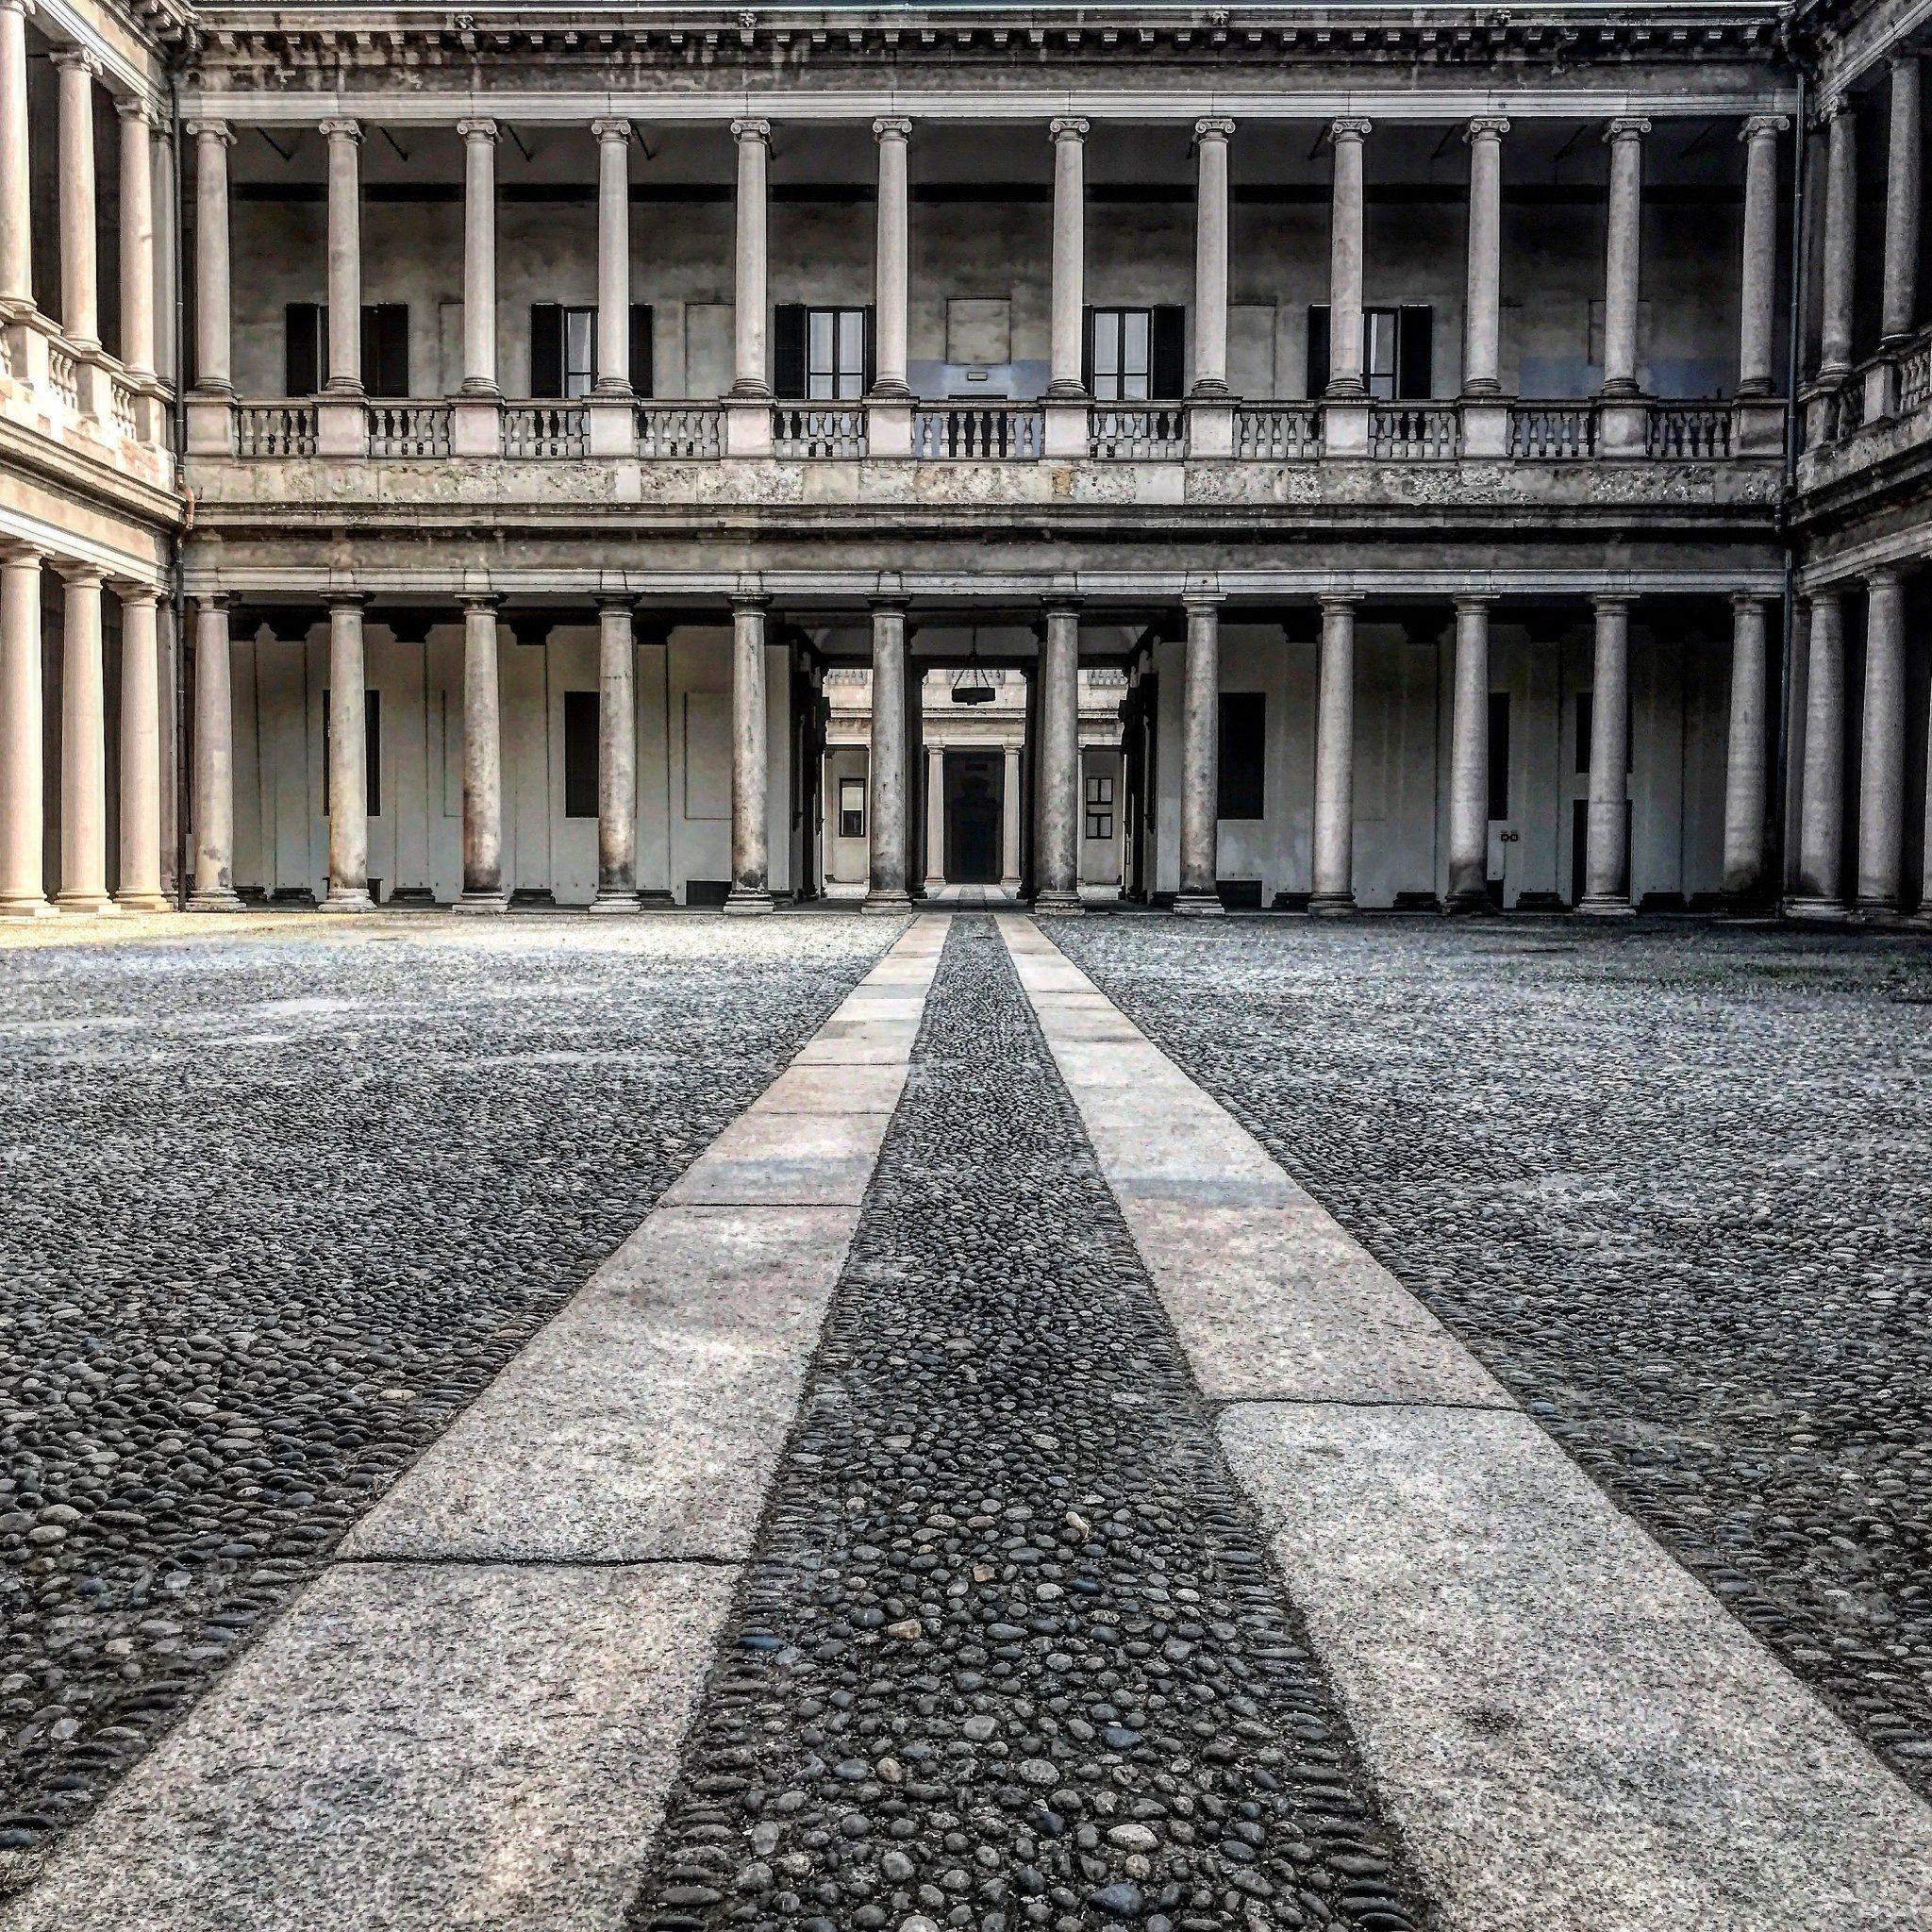 mostre gratis all'archivio di stato a milano a febbraio